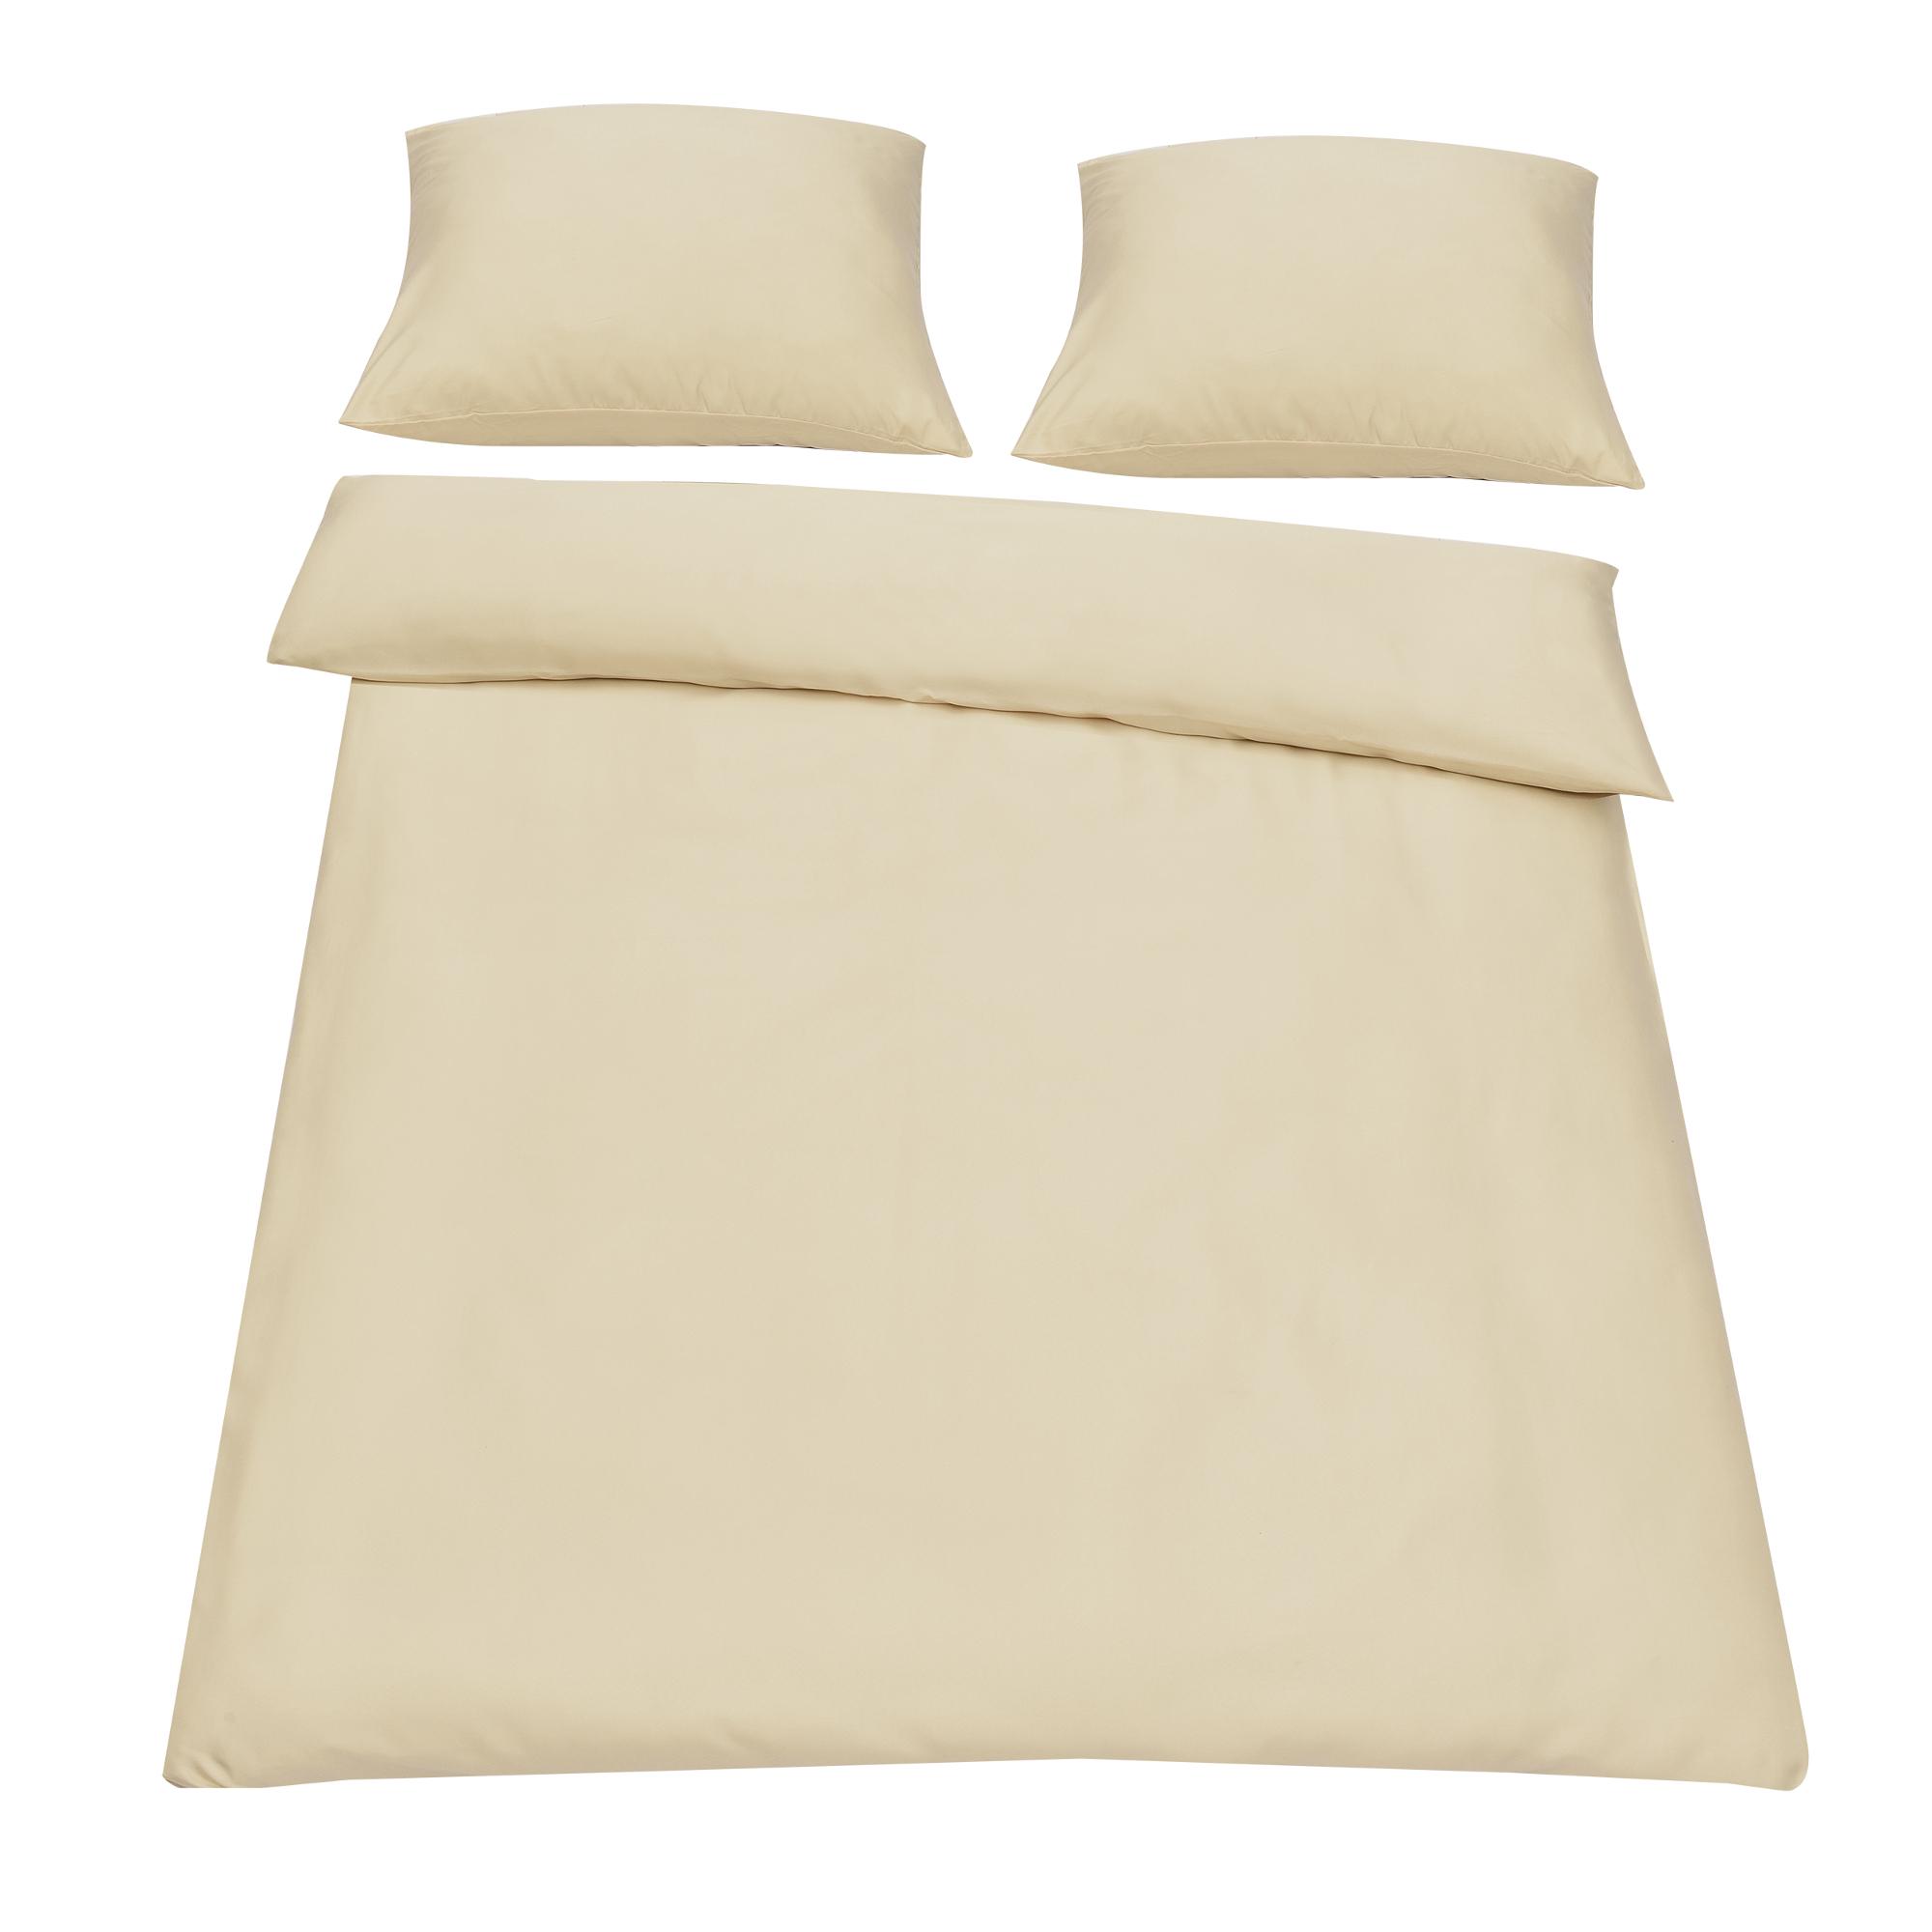 neuhaus drap housse 180 200 x 200 cm linge de lit 200x200 beige cr me ebay. Black Bedroom Furniture Sets. Home Design Ideas